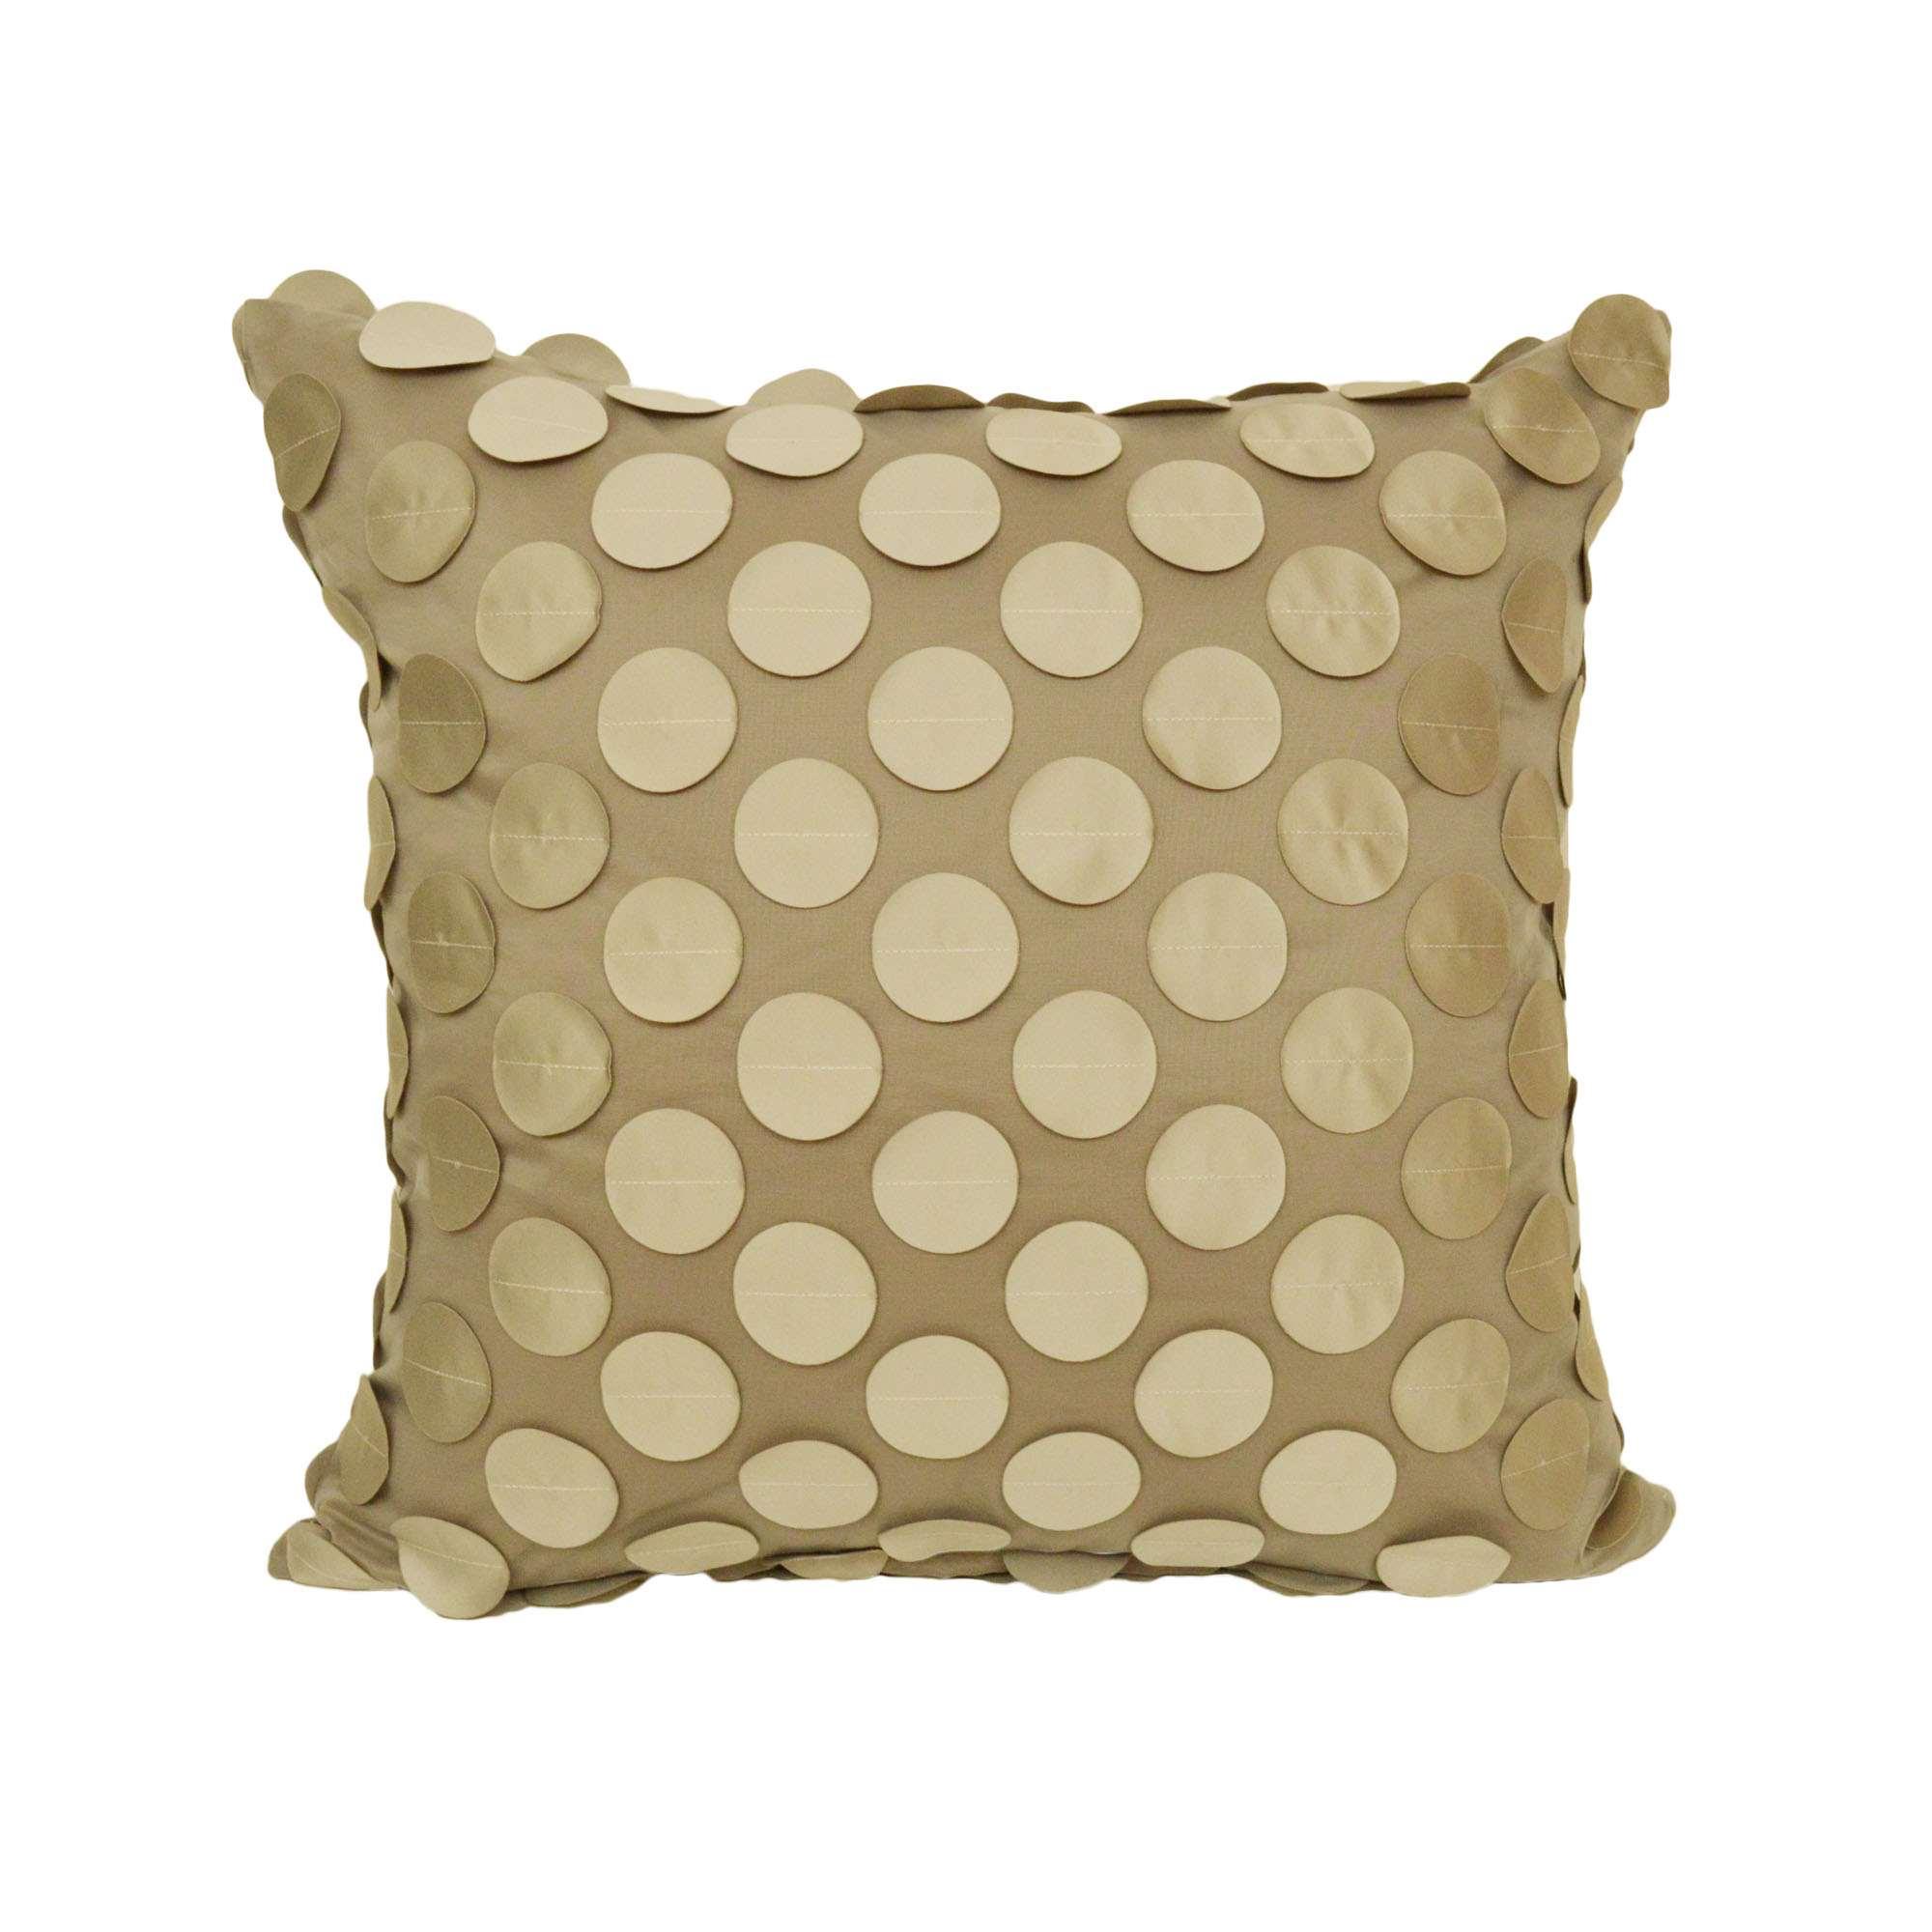 Federa cuscino arredo con applicazioni tina codazzo home for Misure cuscino carrozzina